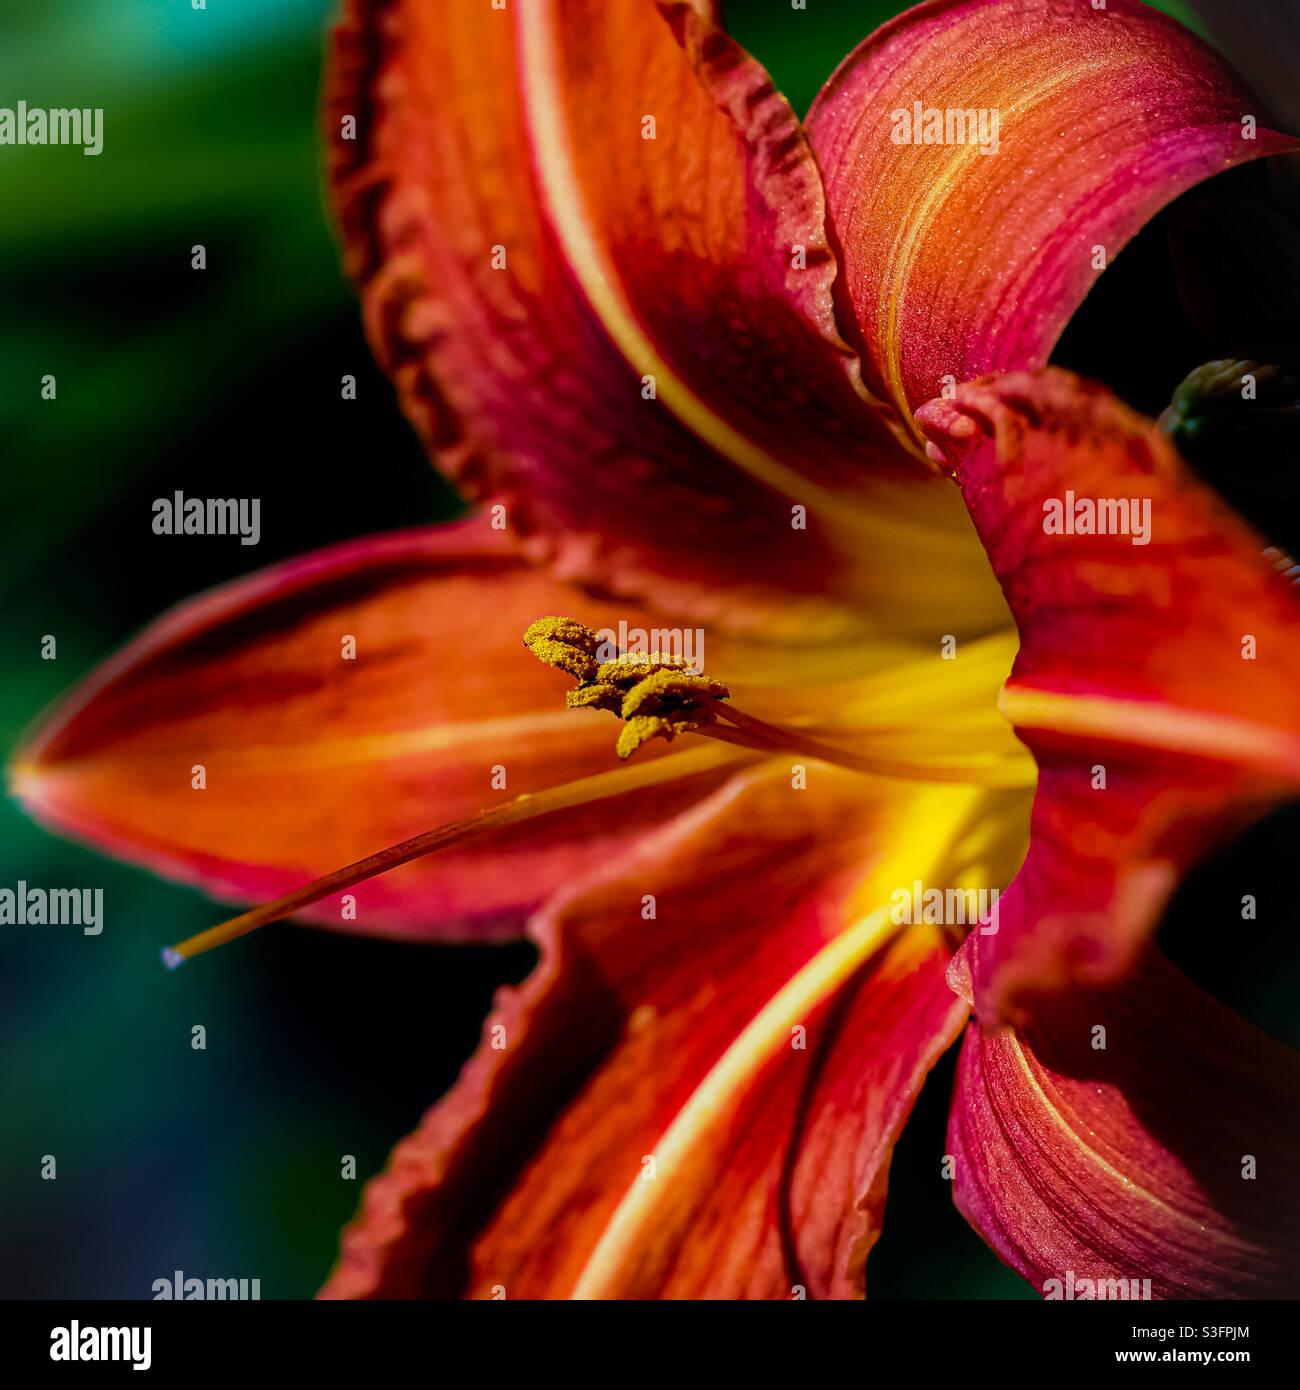 Il giglio della tigre nel suo primo colore della stagione a mezzogiorno nel parco con ricchi fronds testurizzati polline. Foto Stock